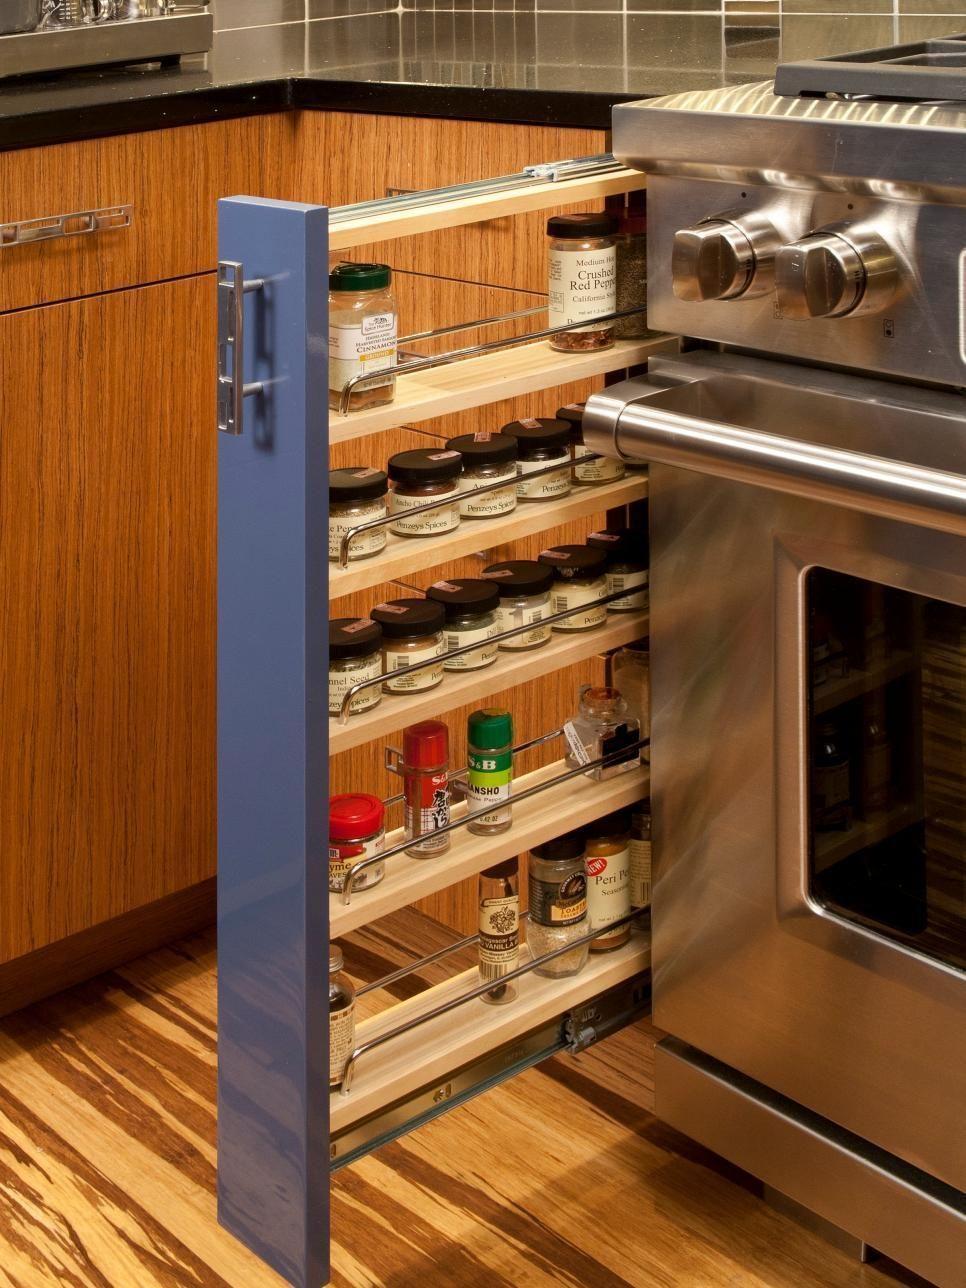 über küchenschrank ideen zu dekorieren  kitchen design ideas  house remodeling  pinterest  küchen